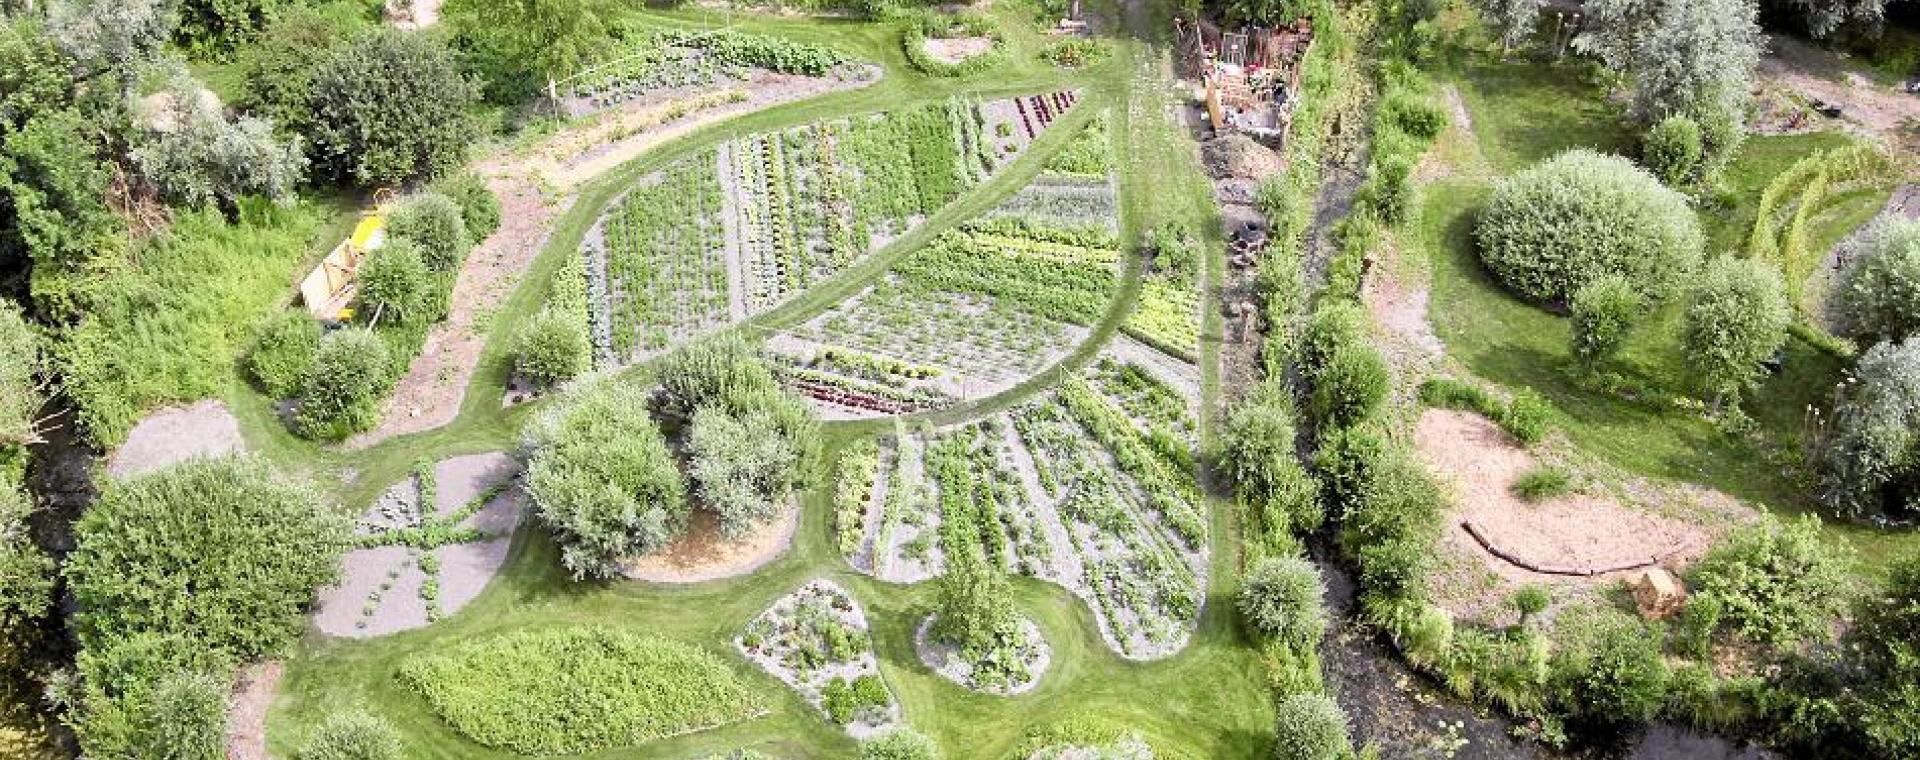 Vue aérienne du jardin des Vertueux